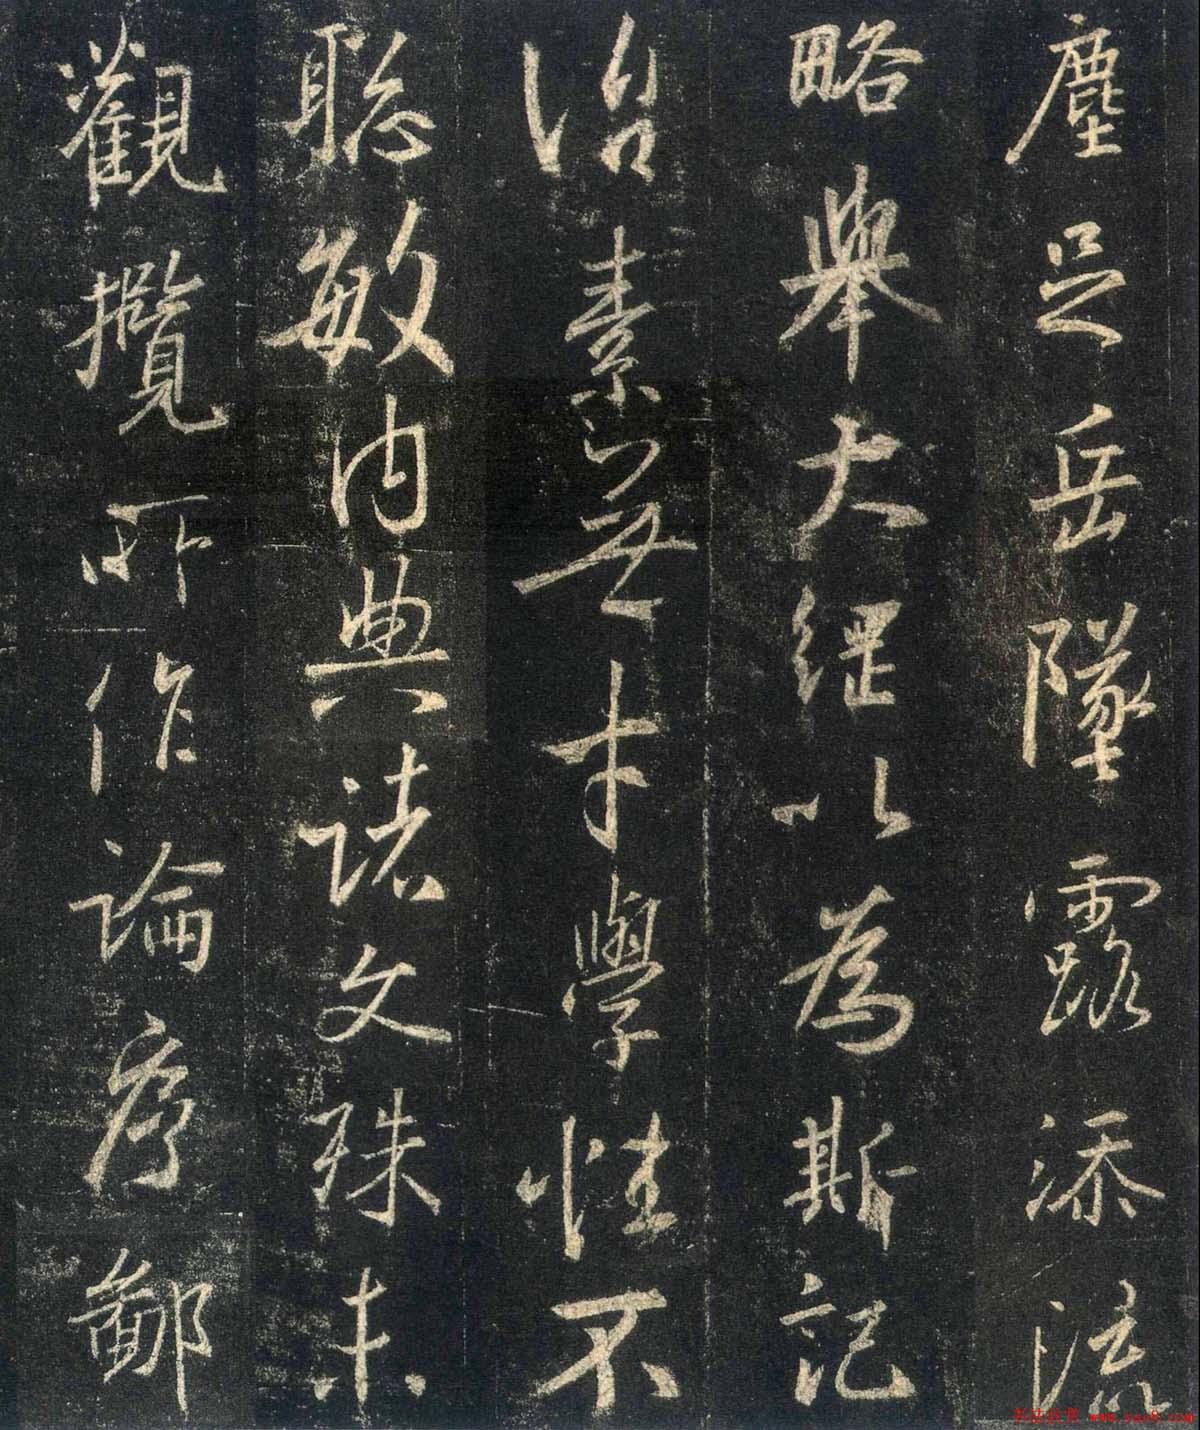 王羲之书法欣赏 怀仁集字 大唐三藏圣教序图片